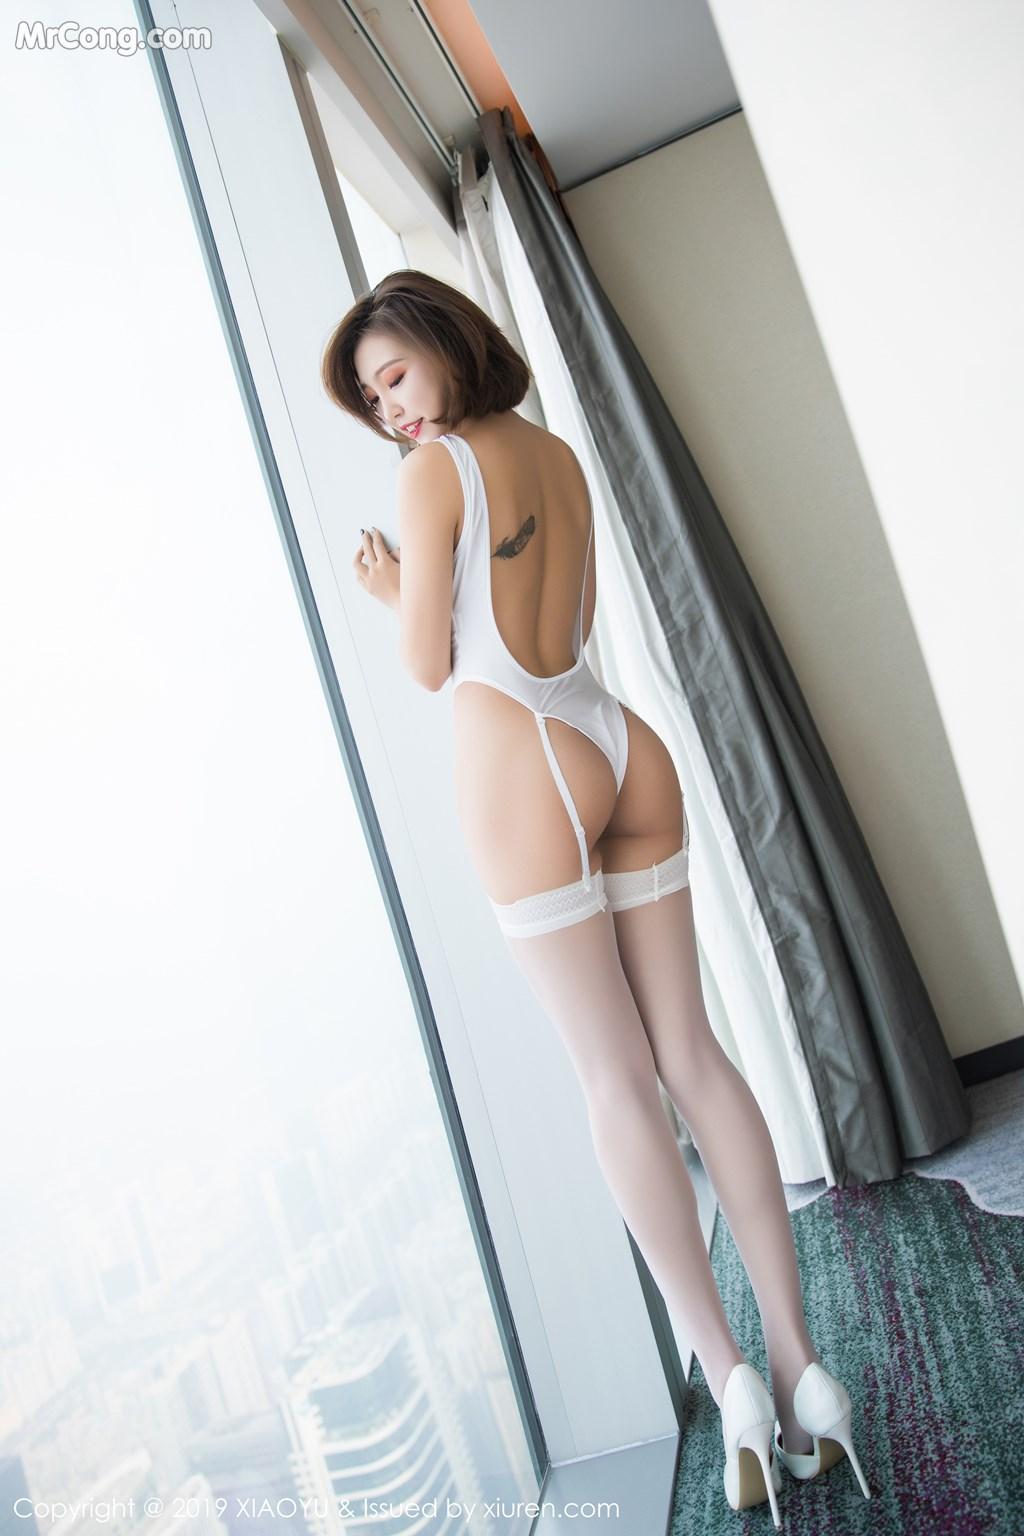 Image XiaoYu-Vol.075-LRIS-Feng-Mu-Mu-MrCong.com-008 in post XiaoYu Vol.075: LRIS (冯木木) (64 ảnh)